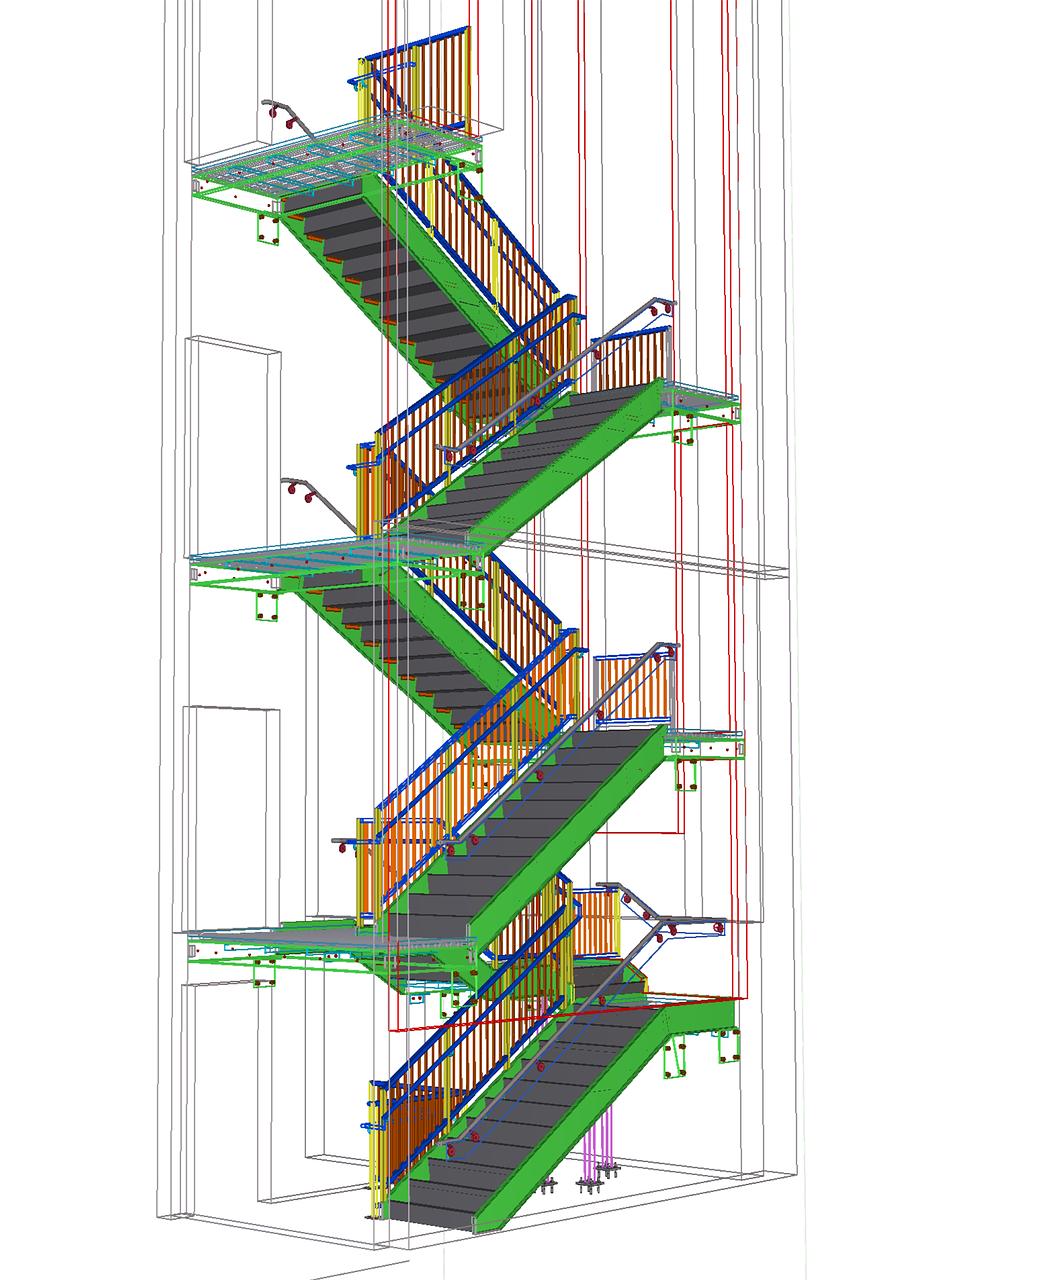 Staircasestairsstairwellarchitectureblueprints Free Photo From